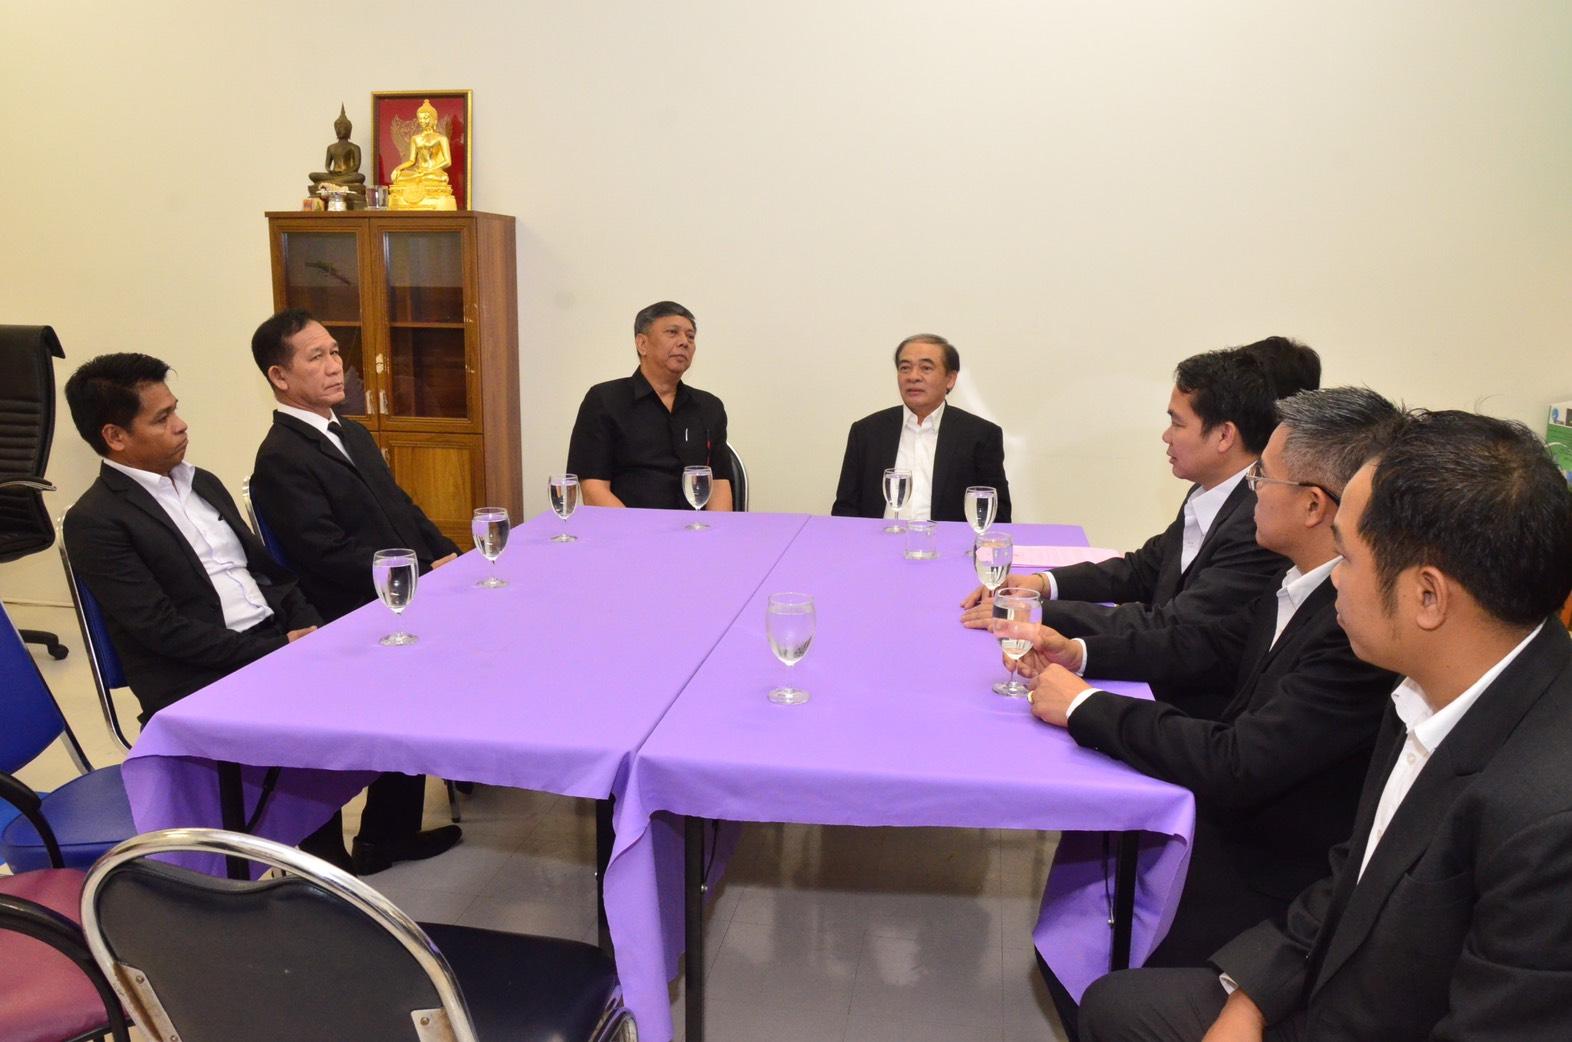 นายวรานนท์ ปีติวรรณ อธิบดีกรมการจัดหางาน ให้การต้อนรับ ดร.คำแพง ไซสมแพง รัฐมนตรีว่าการกระทรวงแรงงานและสวัสดิการสังคม สาธารณรัฐประชาธิปไตยประชาชนลาว ในโอกาสที่เดินทางมาตรวจเยี่ยมศูนย์ตรวจสัญชาติแรงงานลาว ณ ชั้น 3 ศูนย์การค้าไอที สแควร์ เขตหลักสี่กรุงเทพฯ